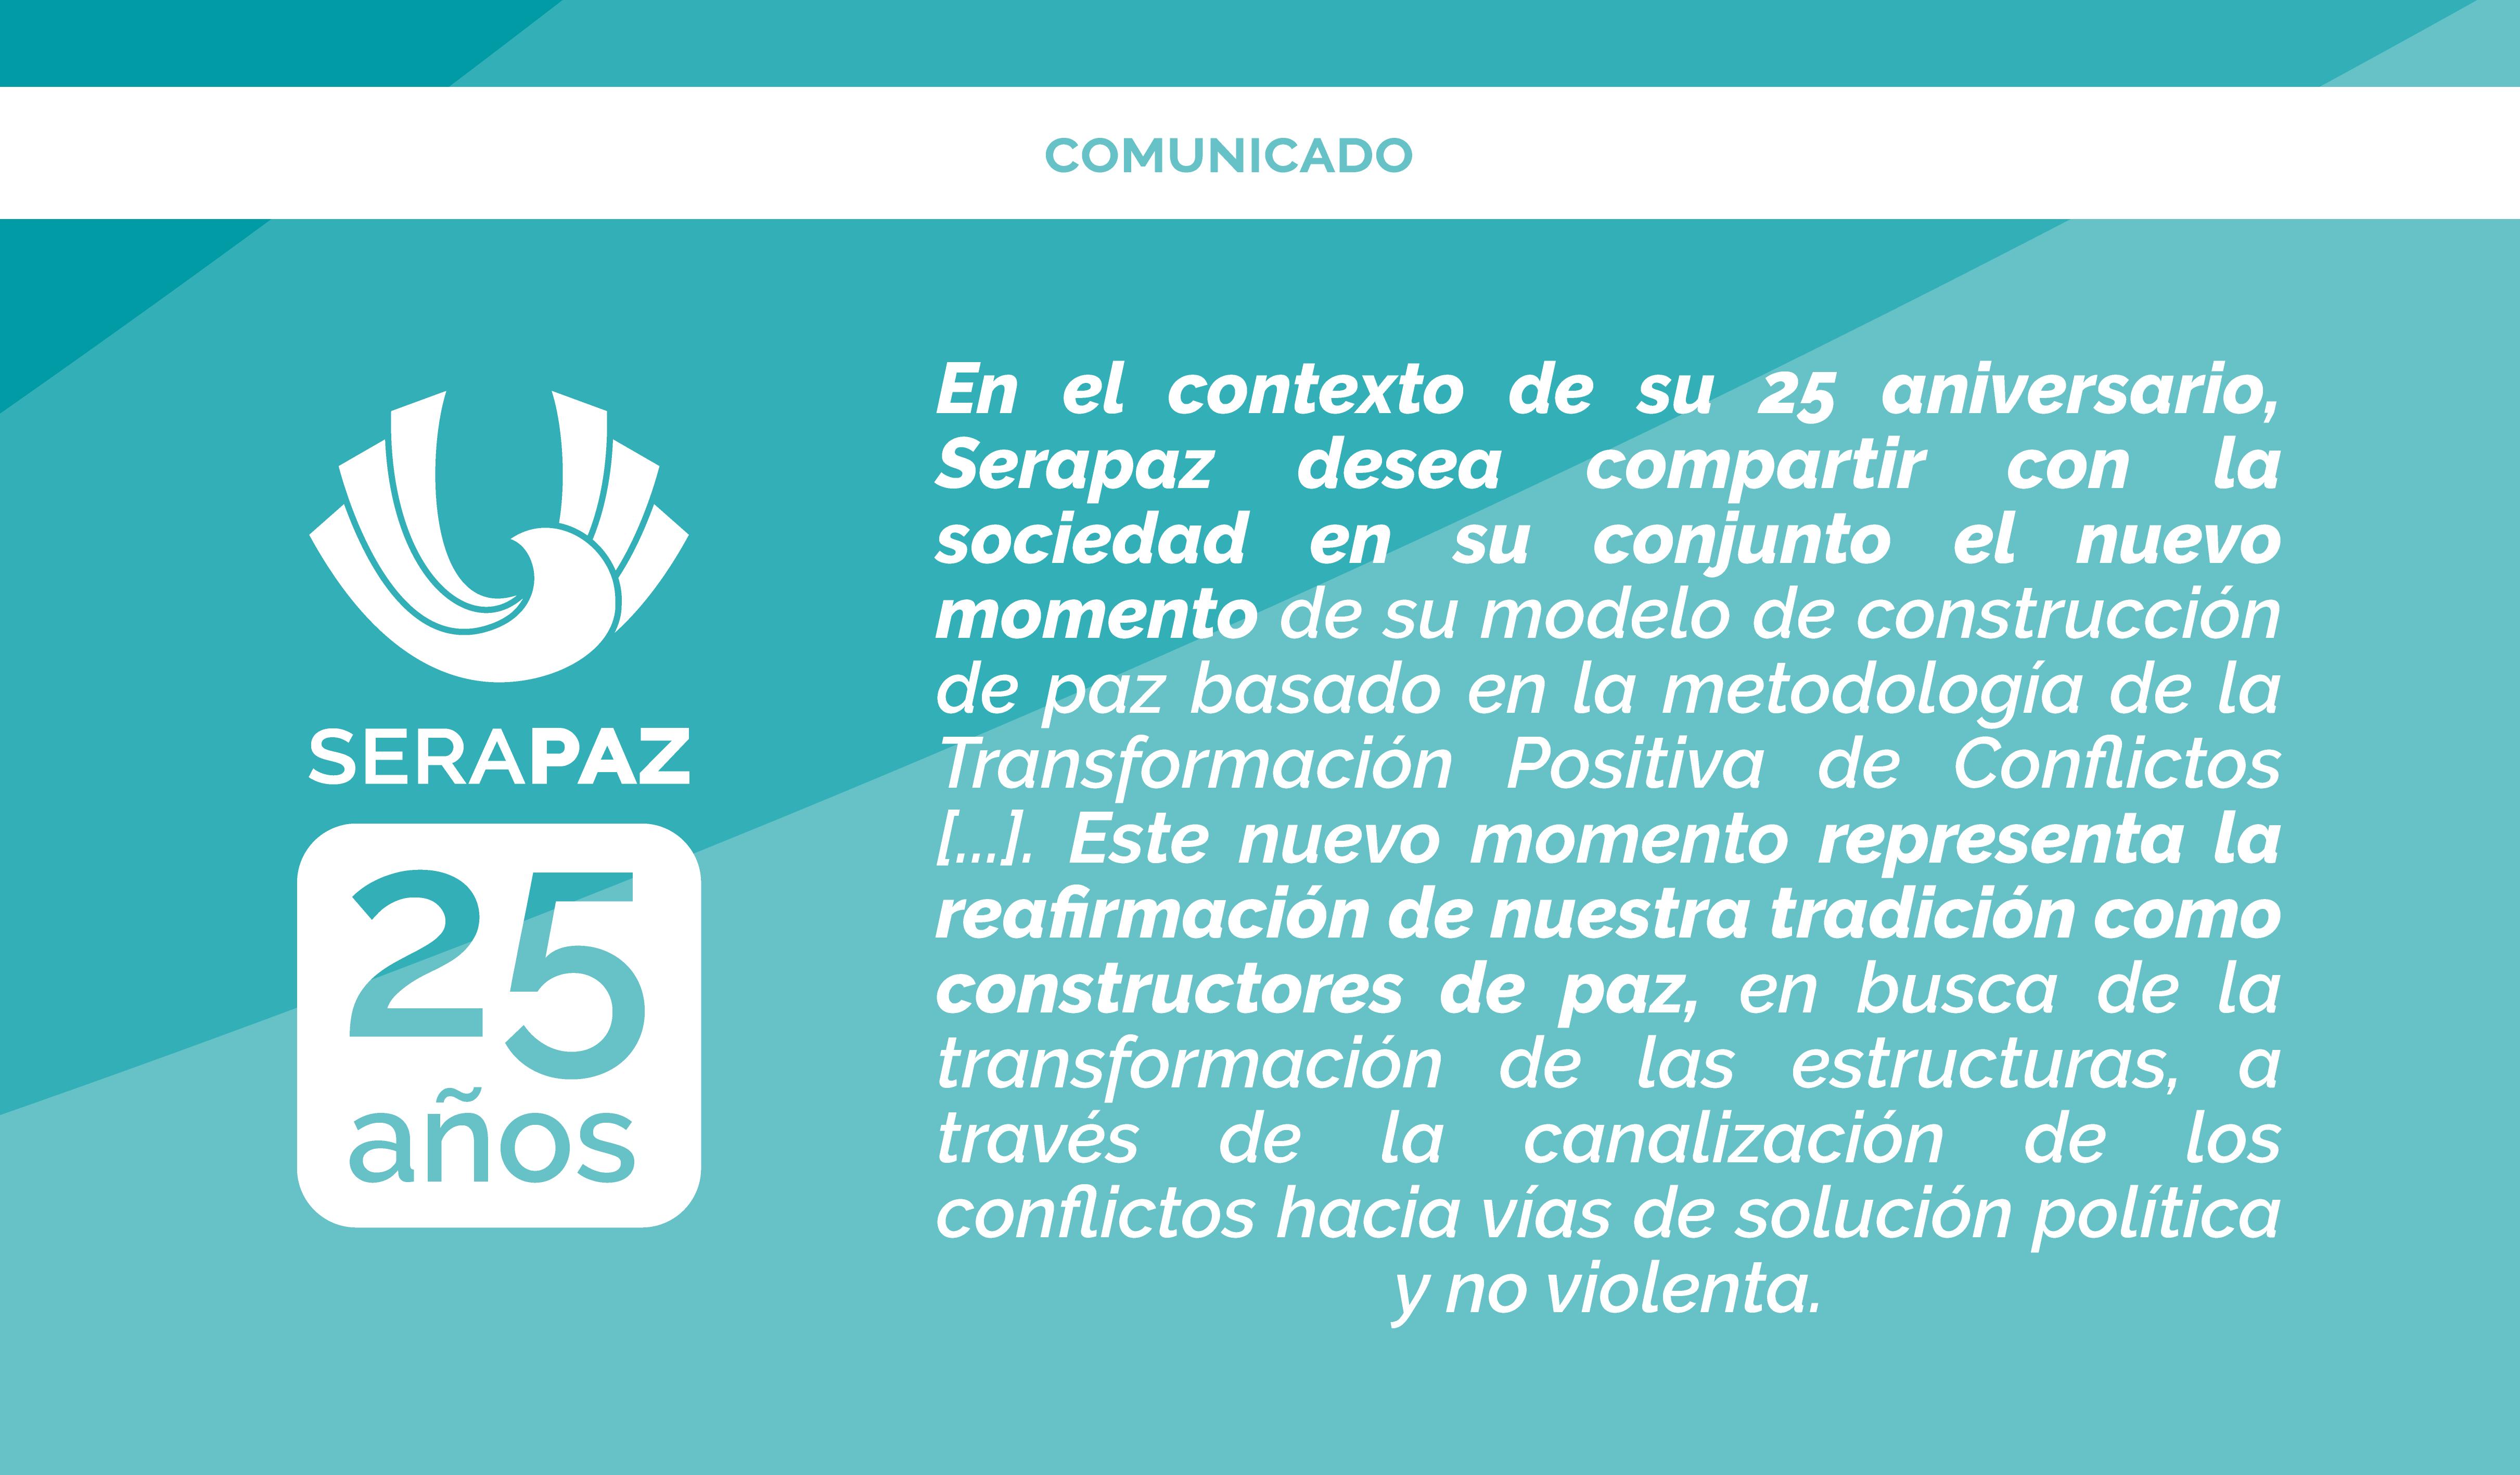 Comunicado: Serapaz anuncia nuevo momento institucional